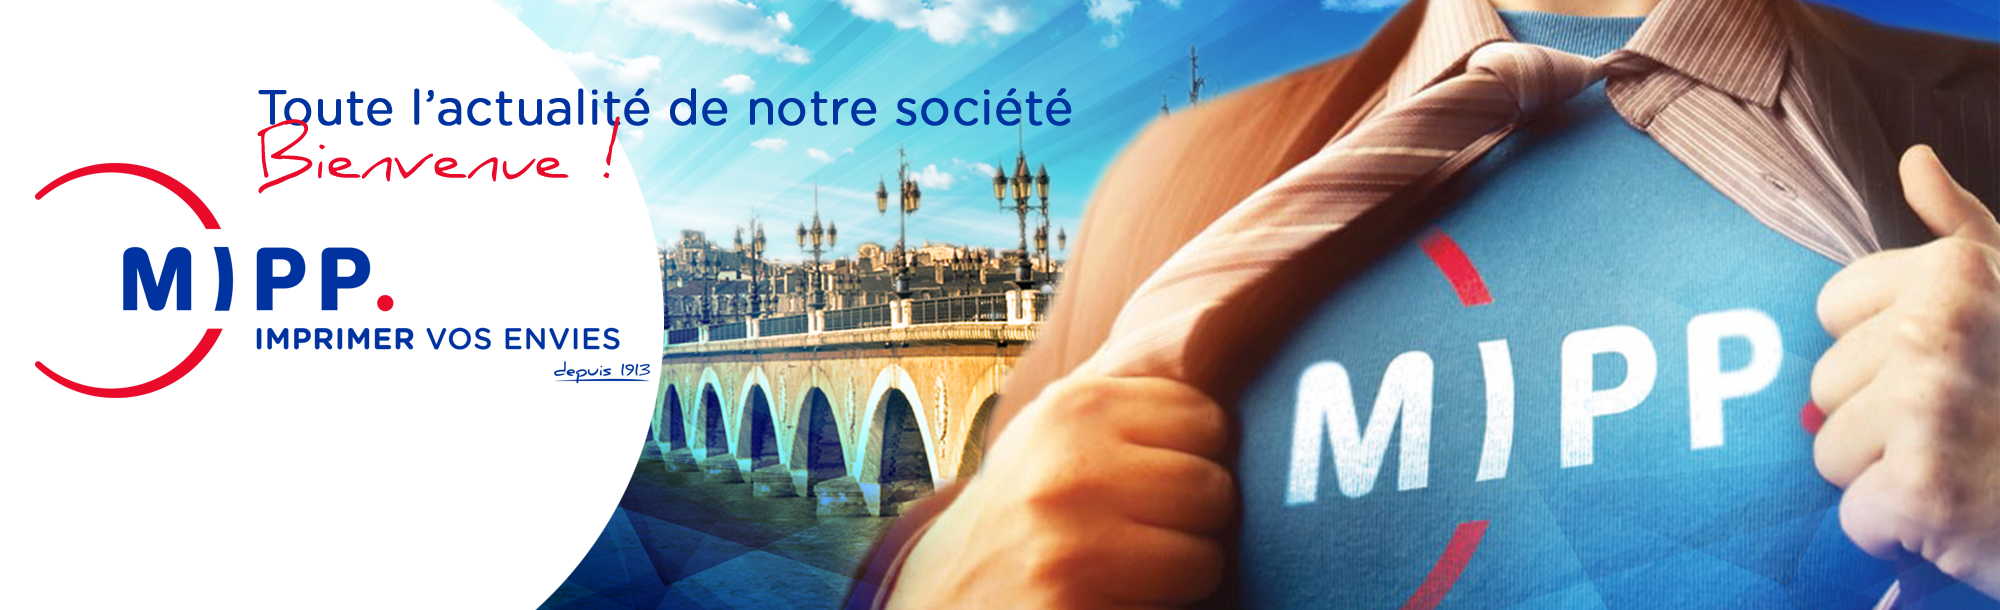 L'actualité de Mipp.fr